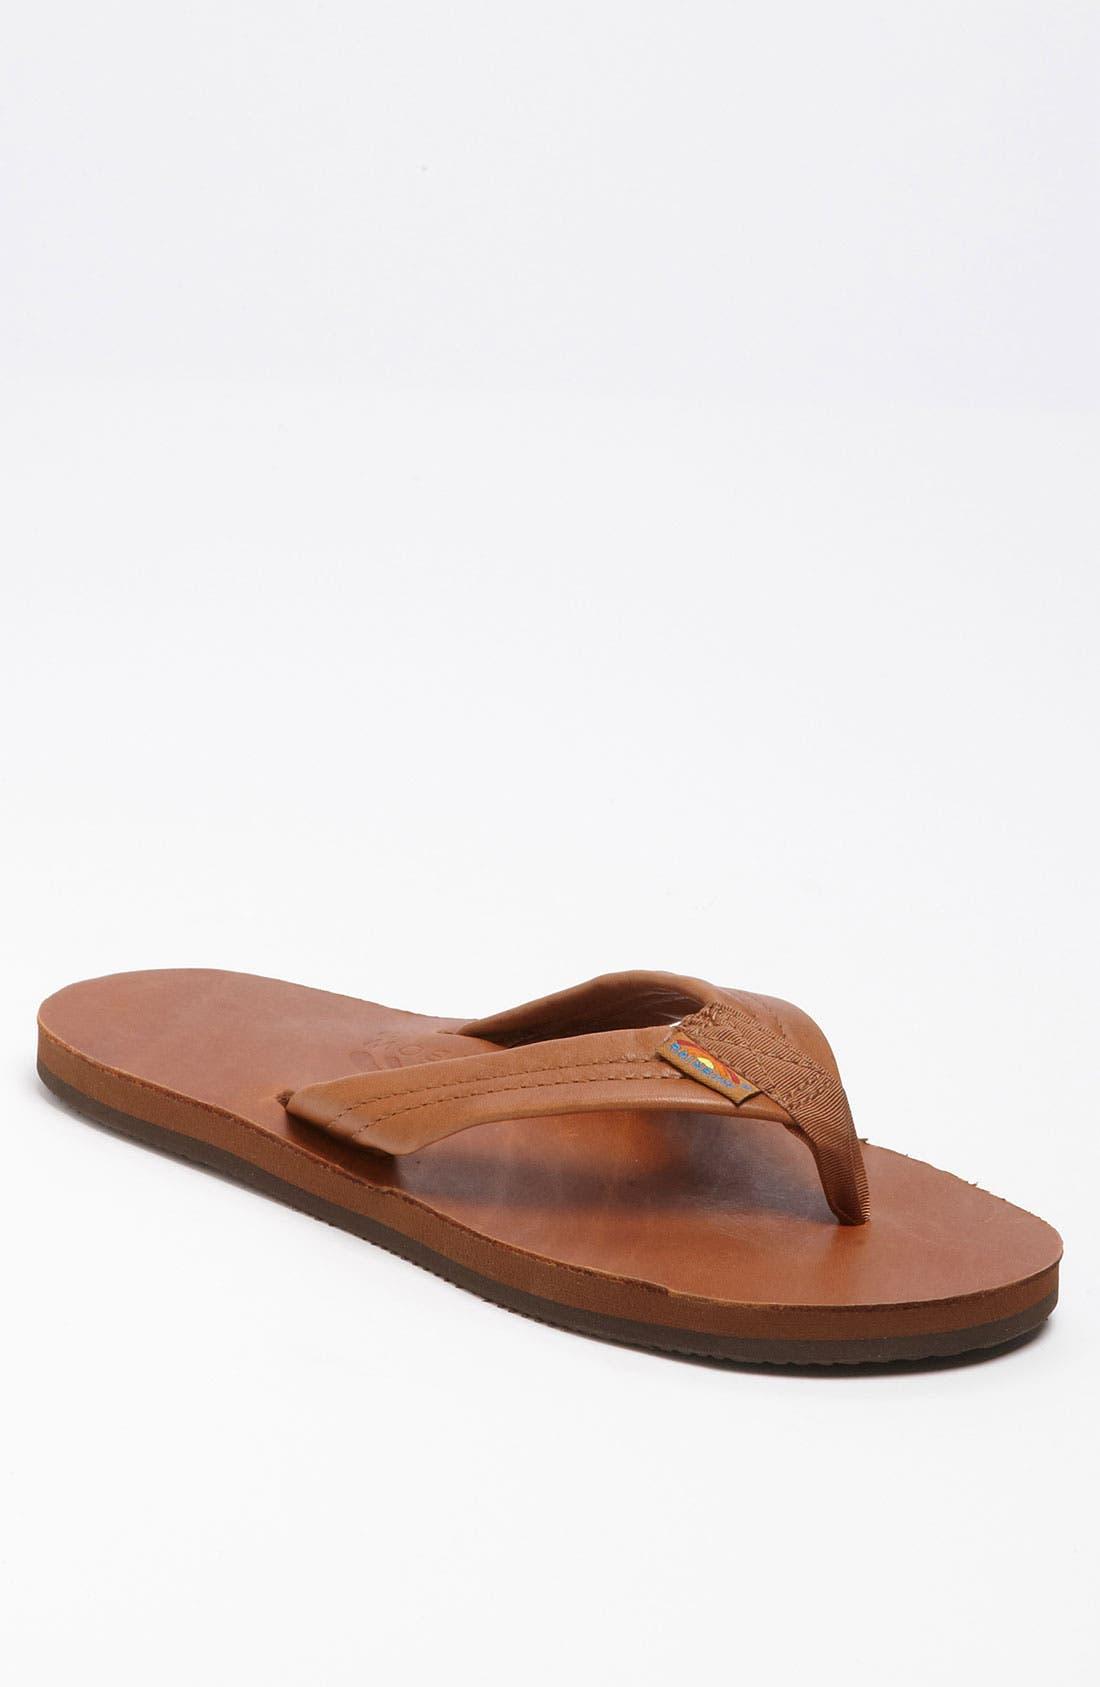 '301Alts' Sandal,                         Main,                         color, TAN/ BROWN